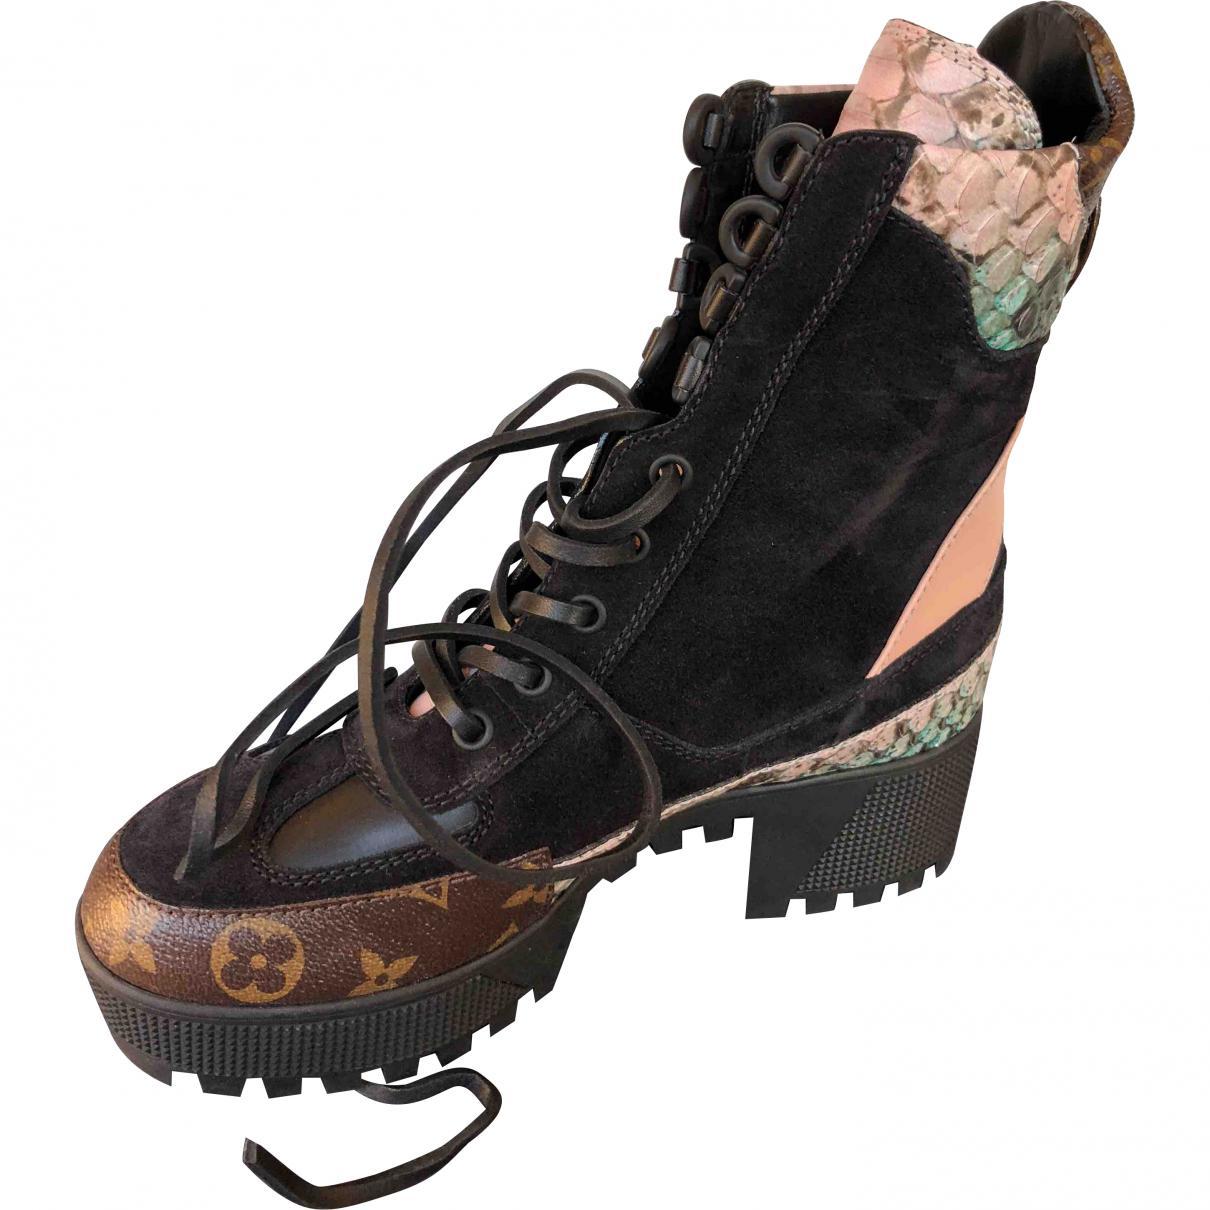 e4aefa87c62d Lyst - Louis Vuitton Multicolour Suede Ankle Boots in Black